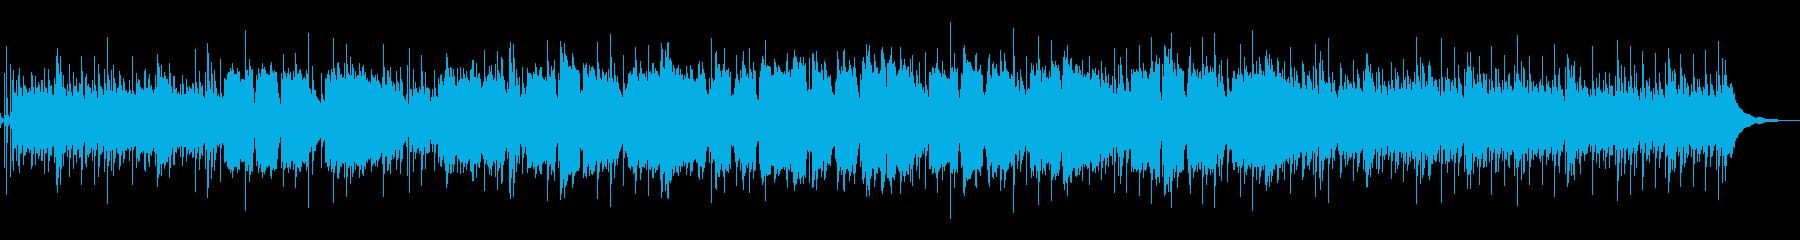 ほのぼのとした弦と笛による和風系BGMの再生済みの波形